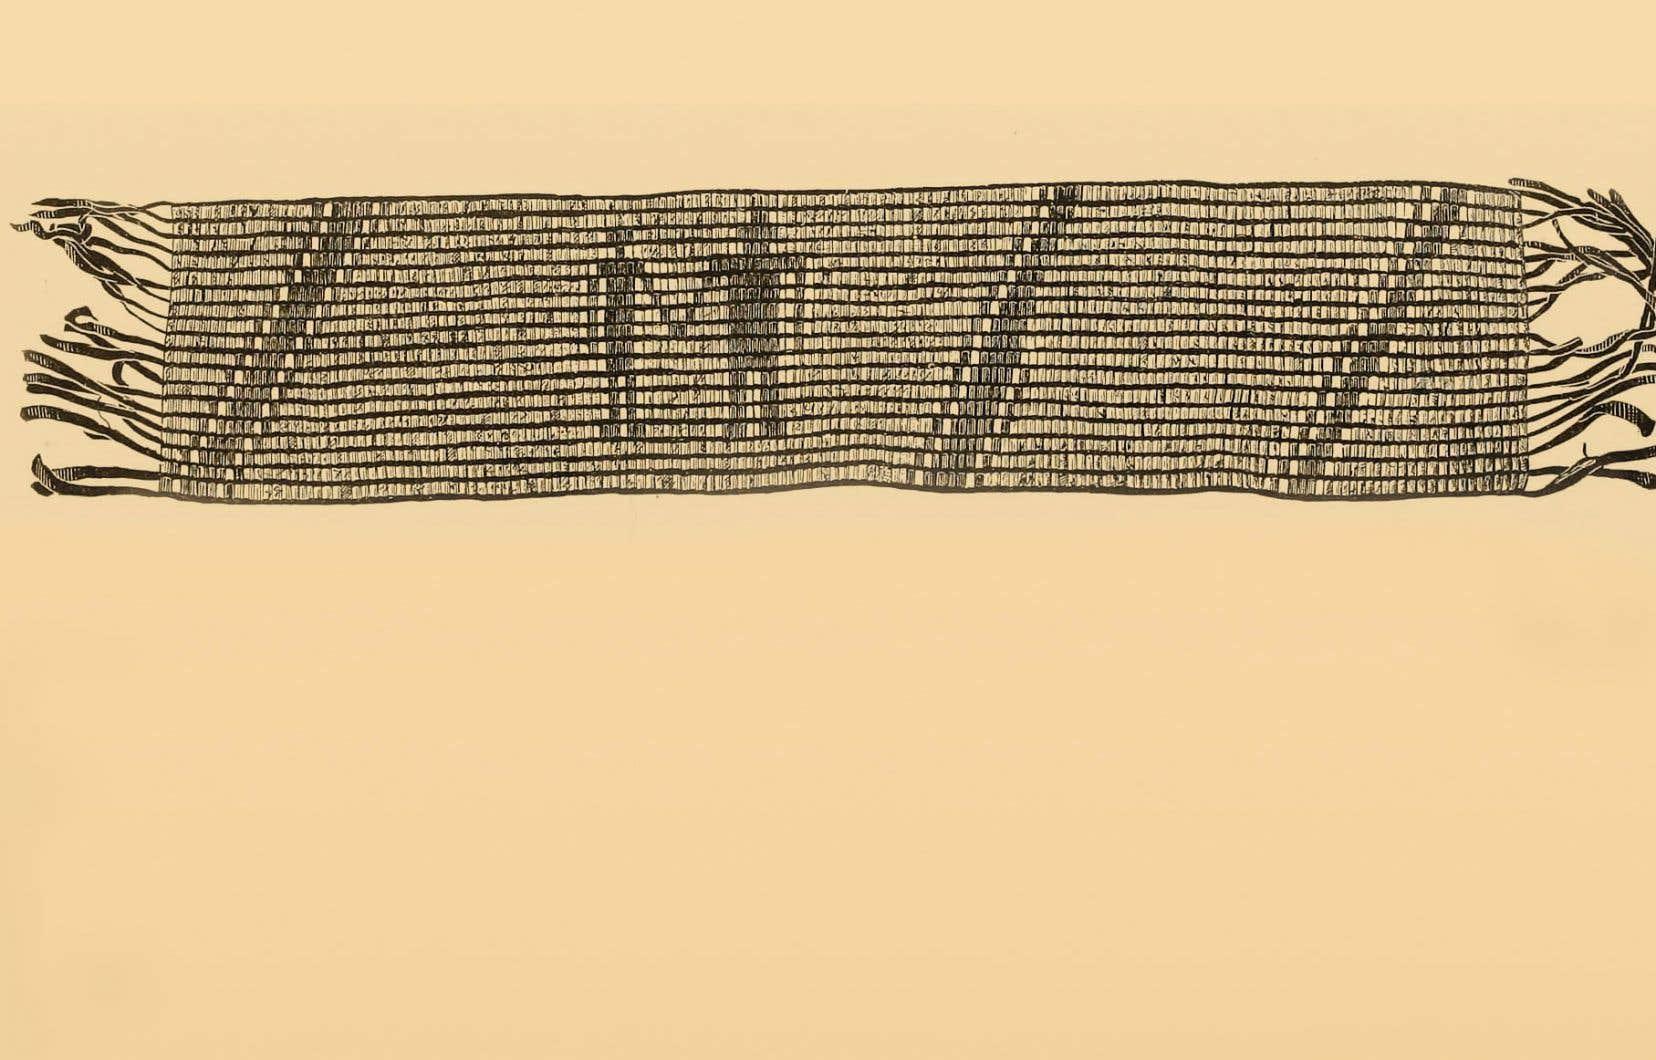 Les perles servent notamment à créer les colliers de wampum, avec lesquels on scelle les alliances.